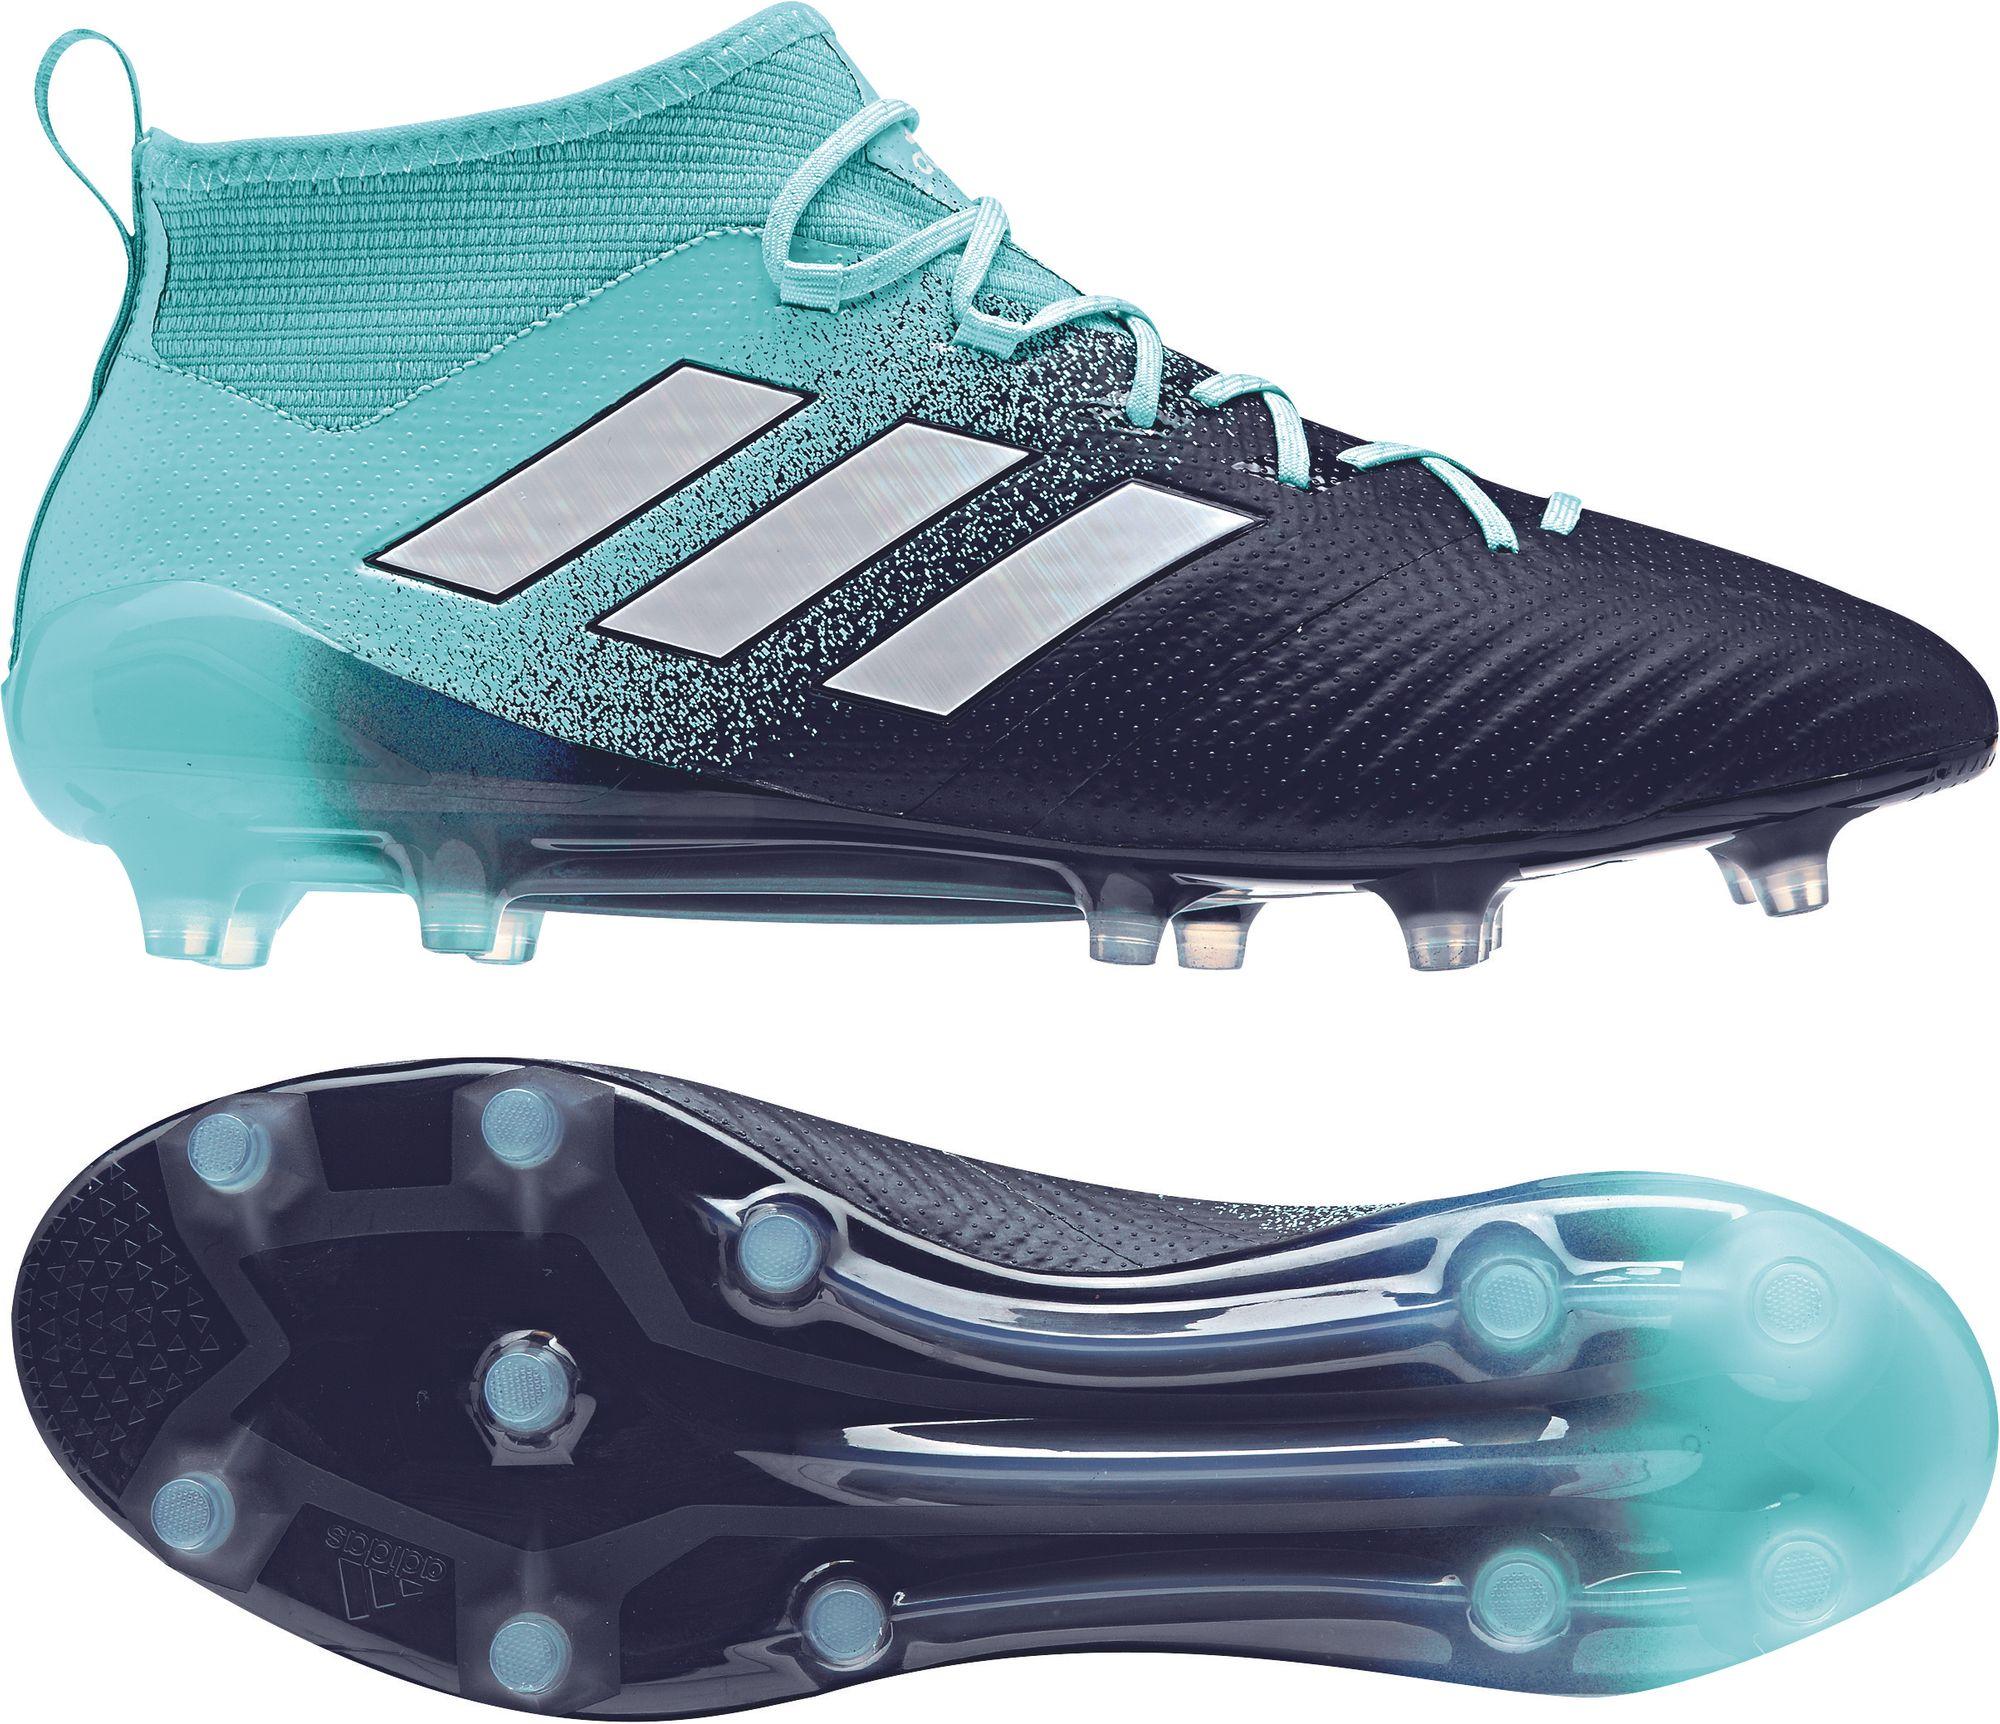 adidas ACE 17.1 FG türkis blau